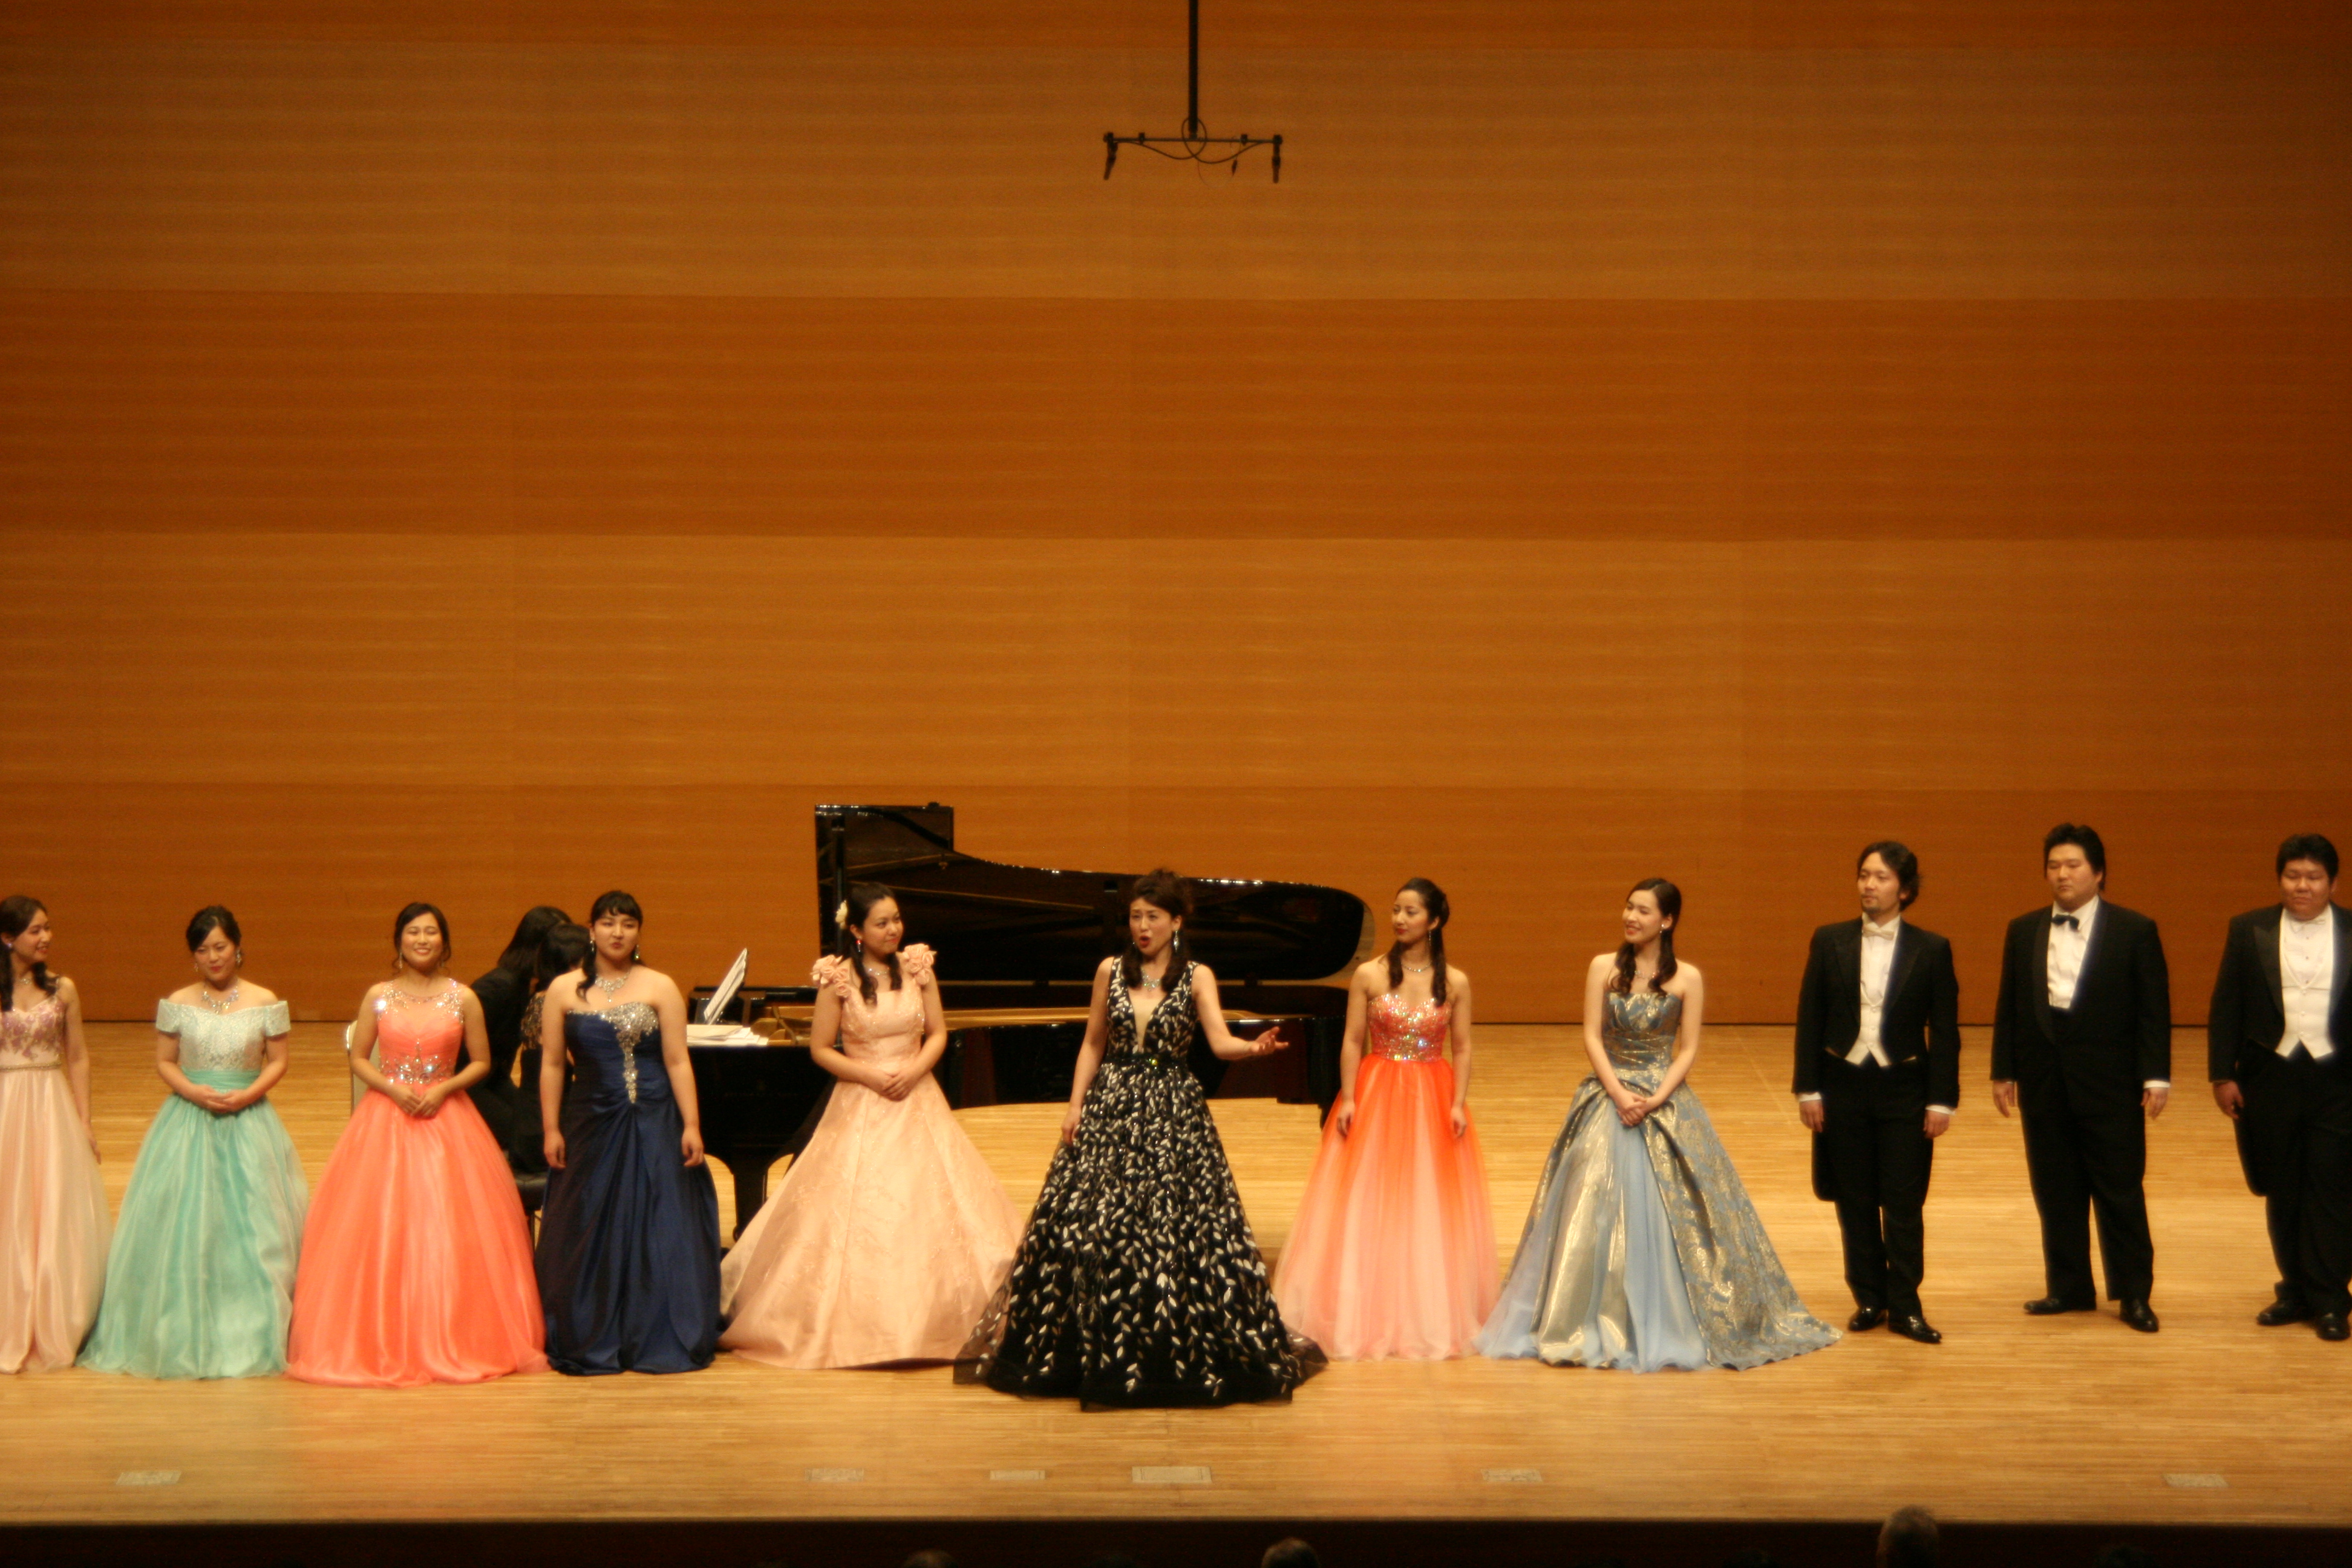 第96回二期会オペラ研修所コンサートの画像